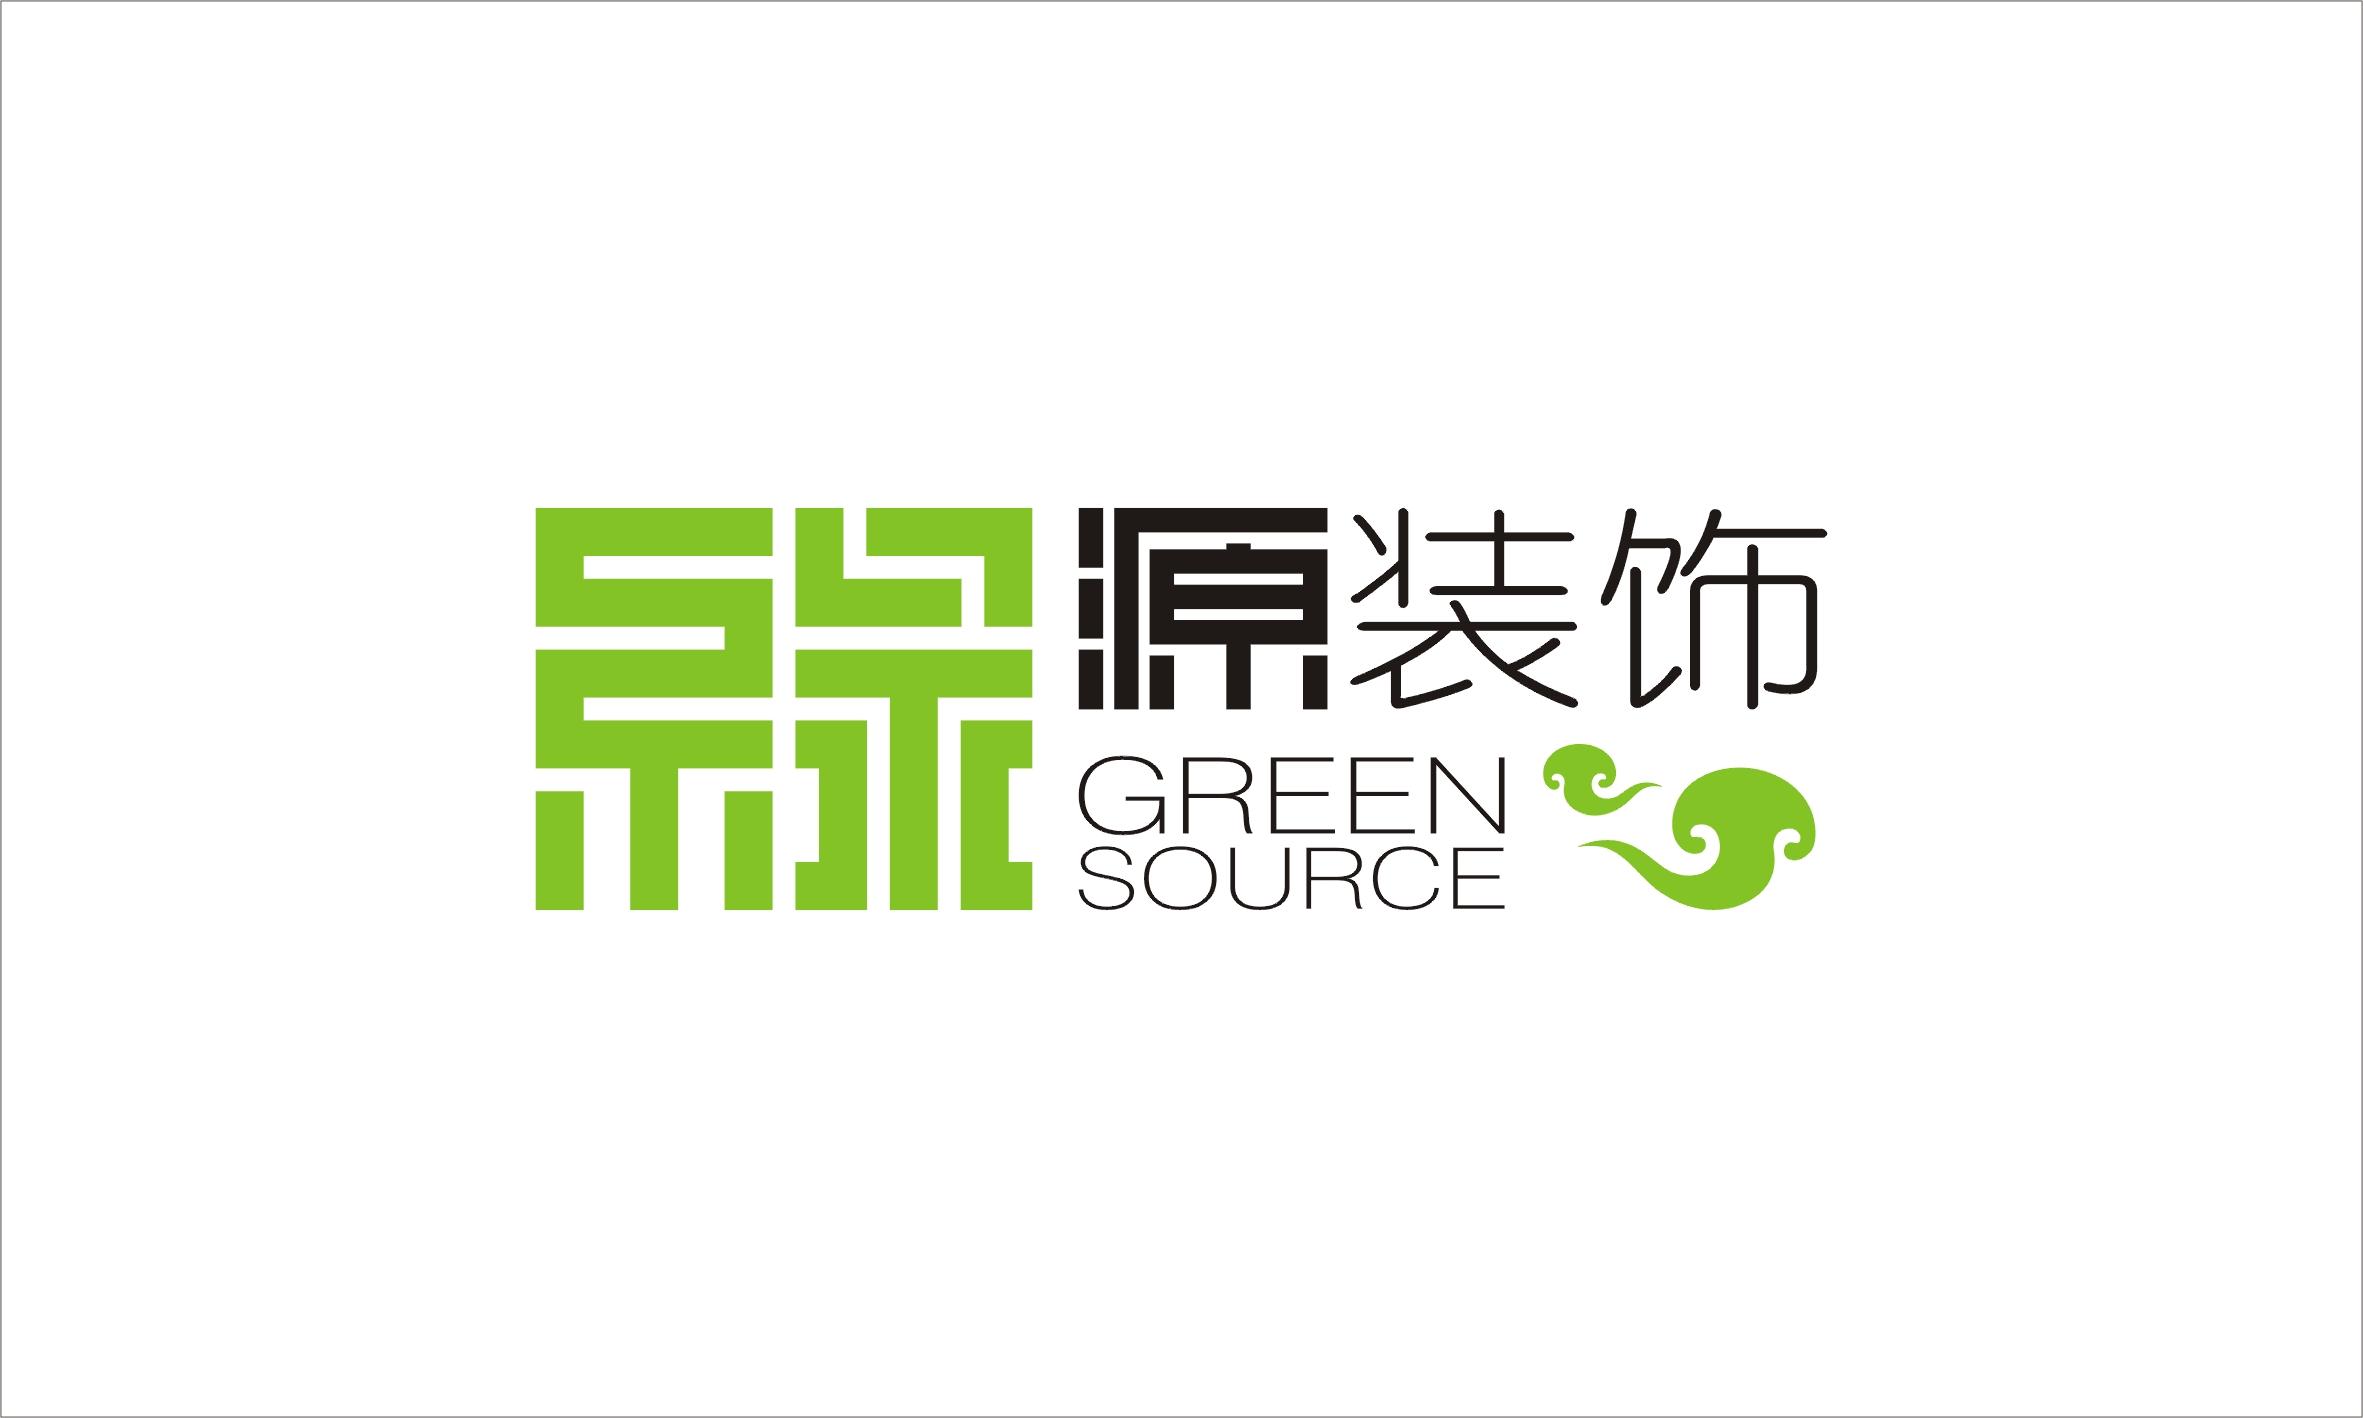 四川绿源空间建筑装饰工程有限公司